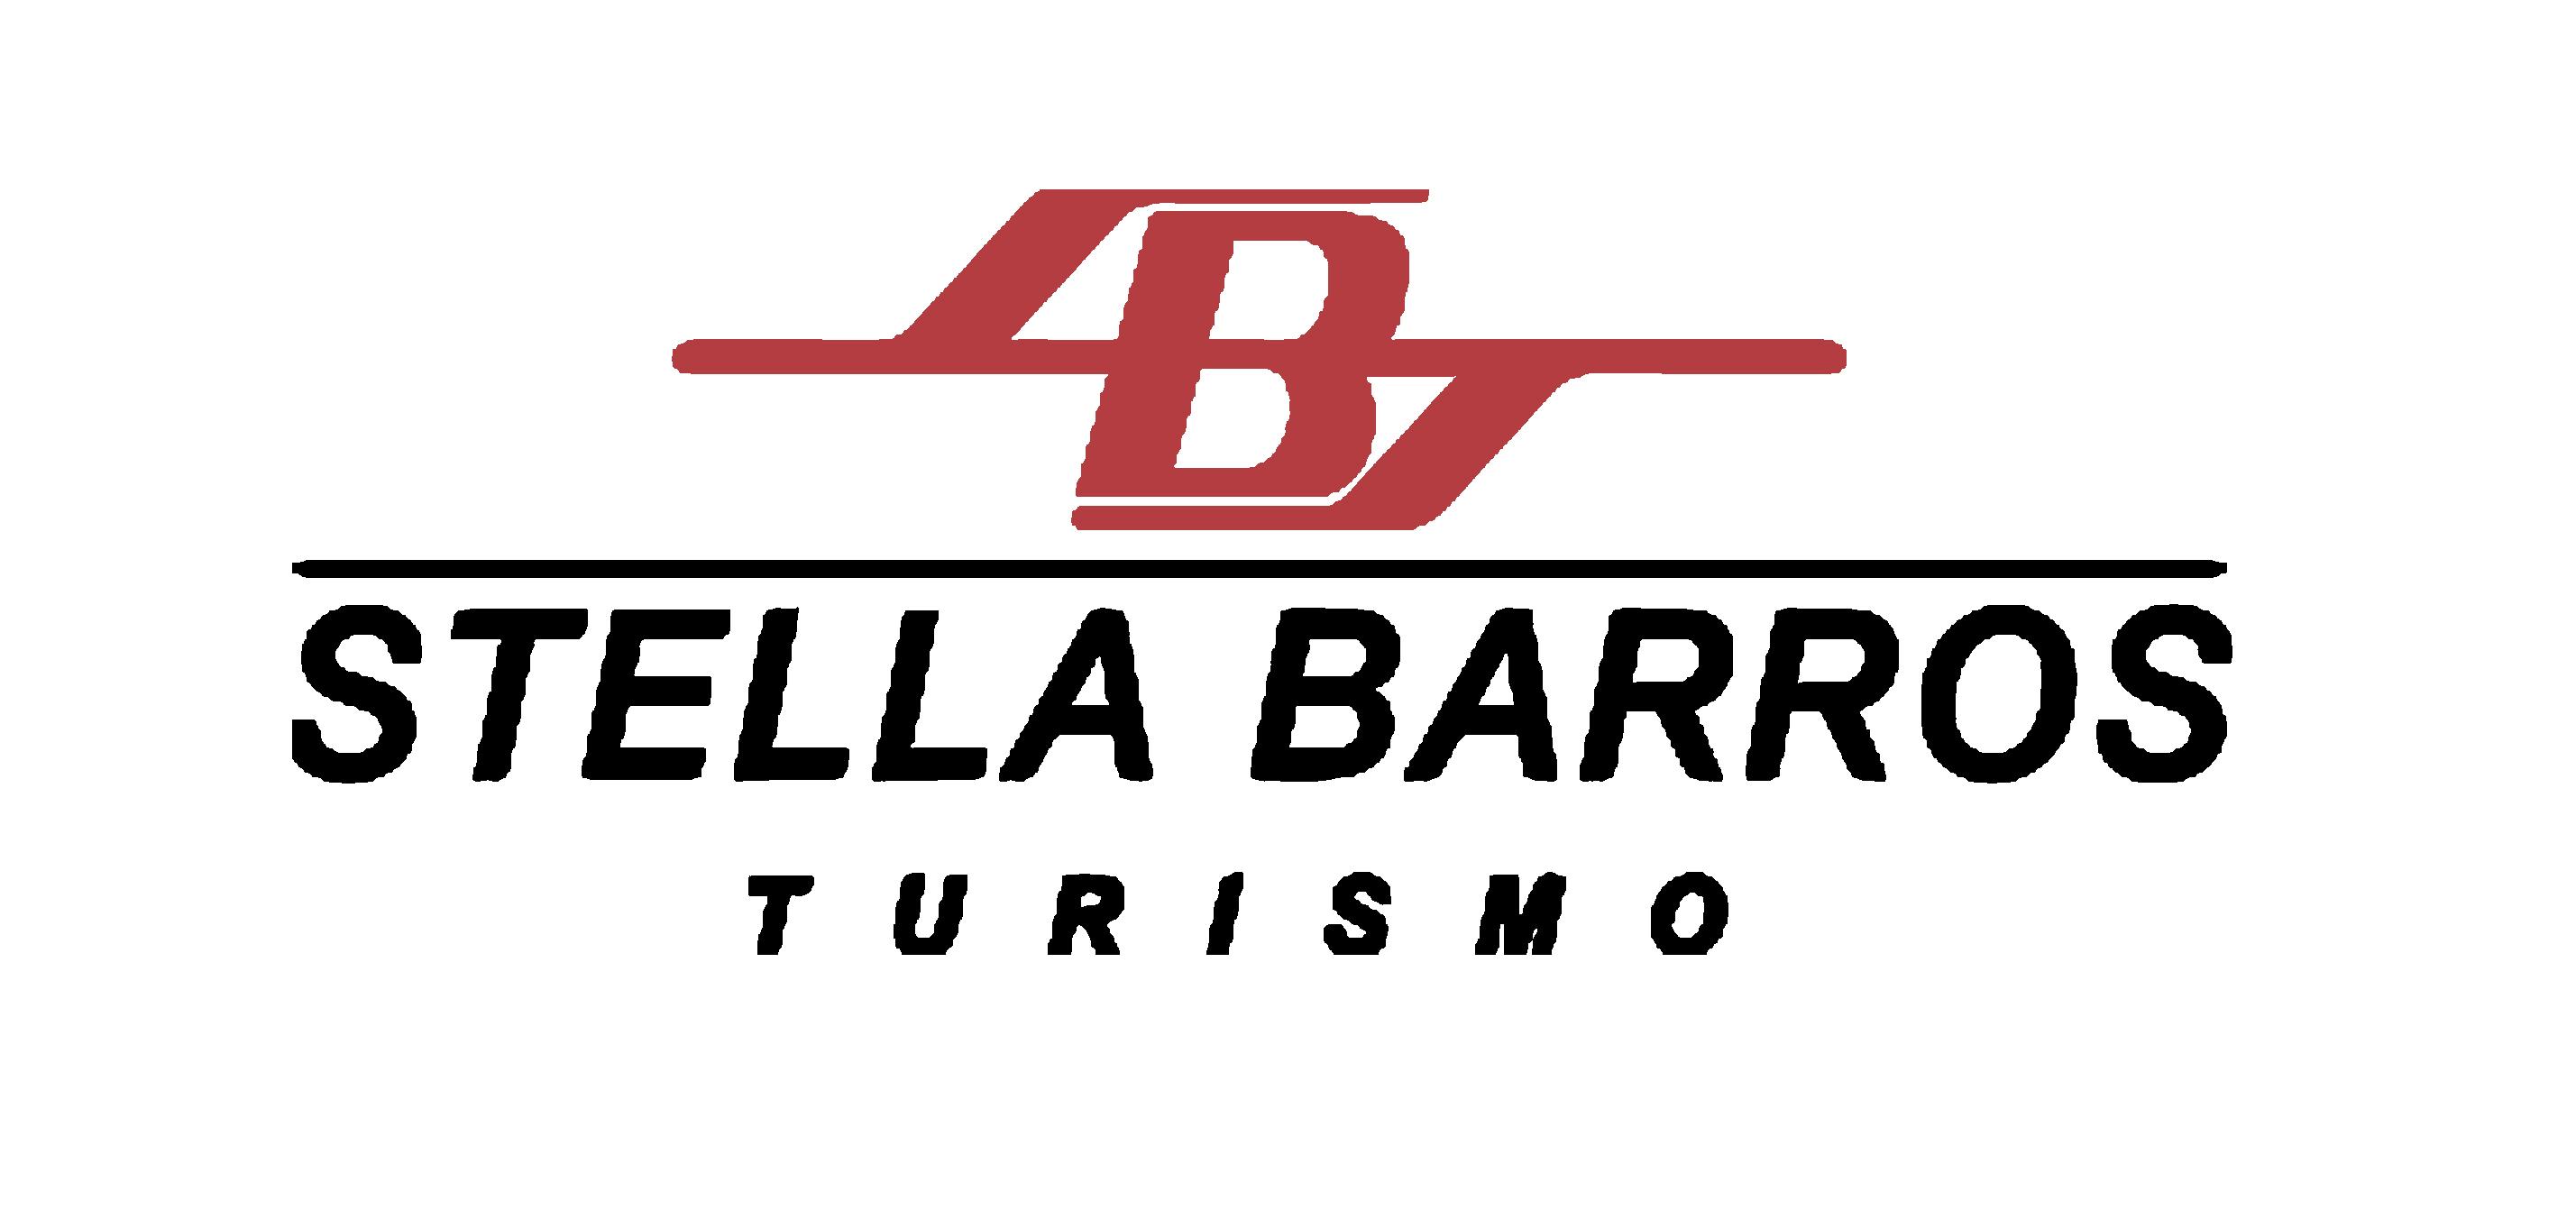 Stella Barros.jpg